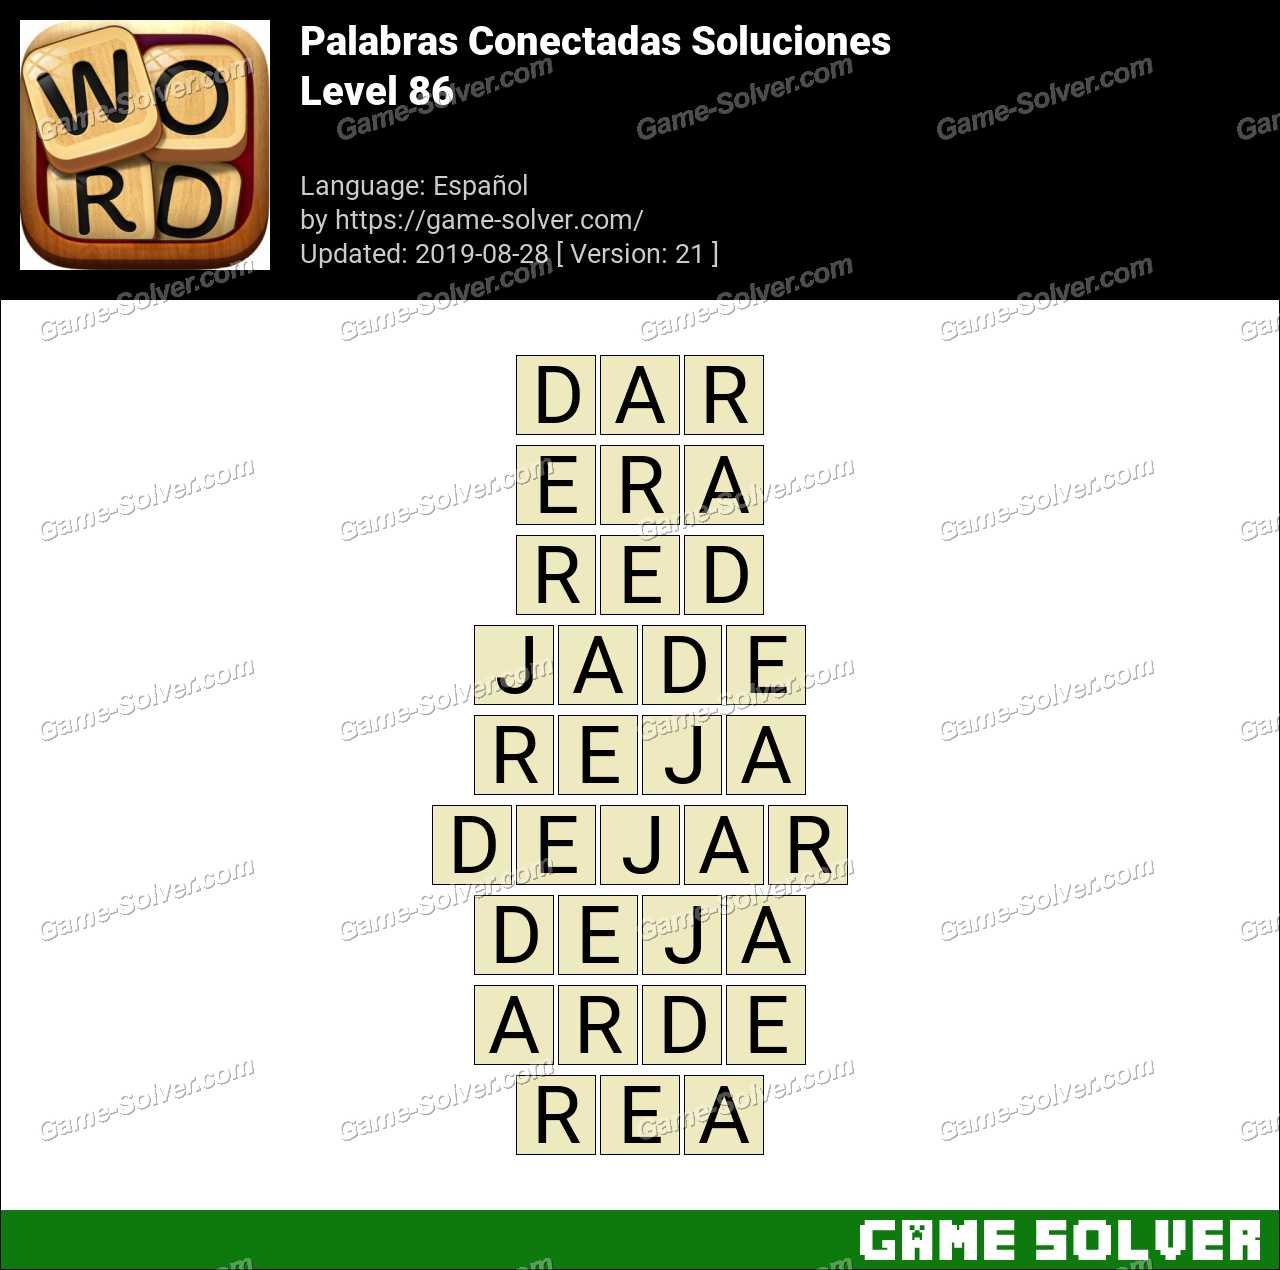 Palabras Conectadas Nivel 86 Soluciones